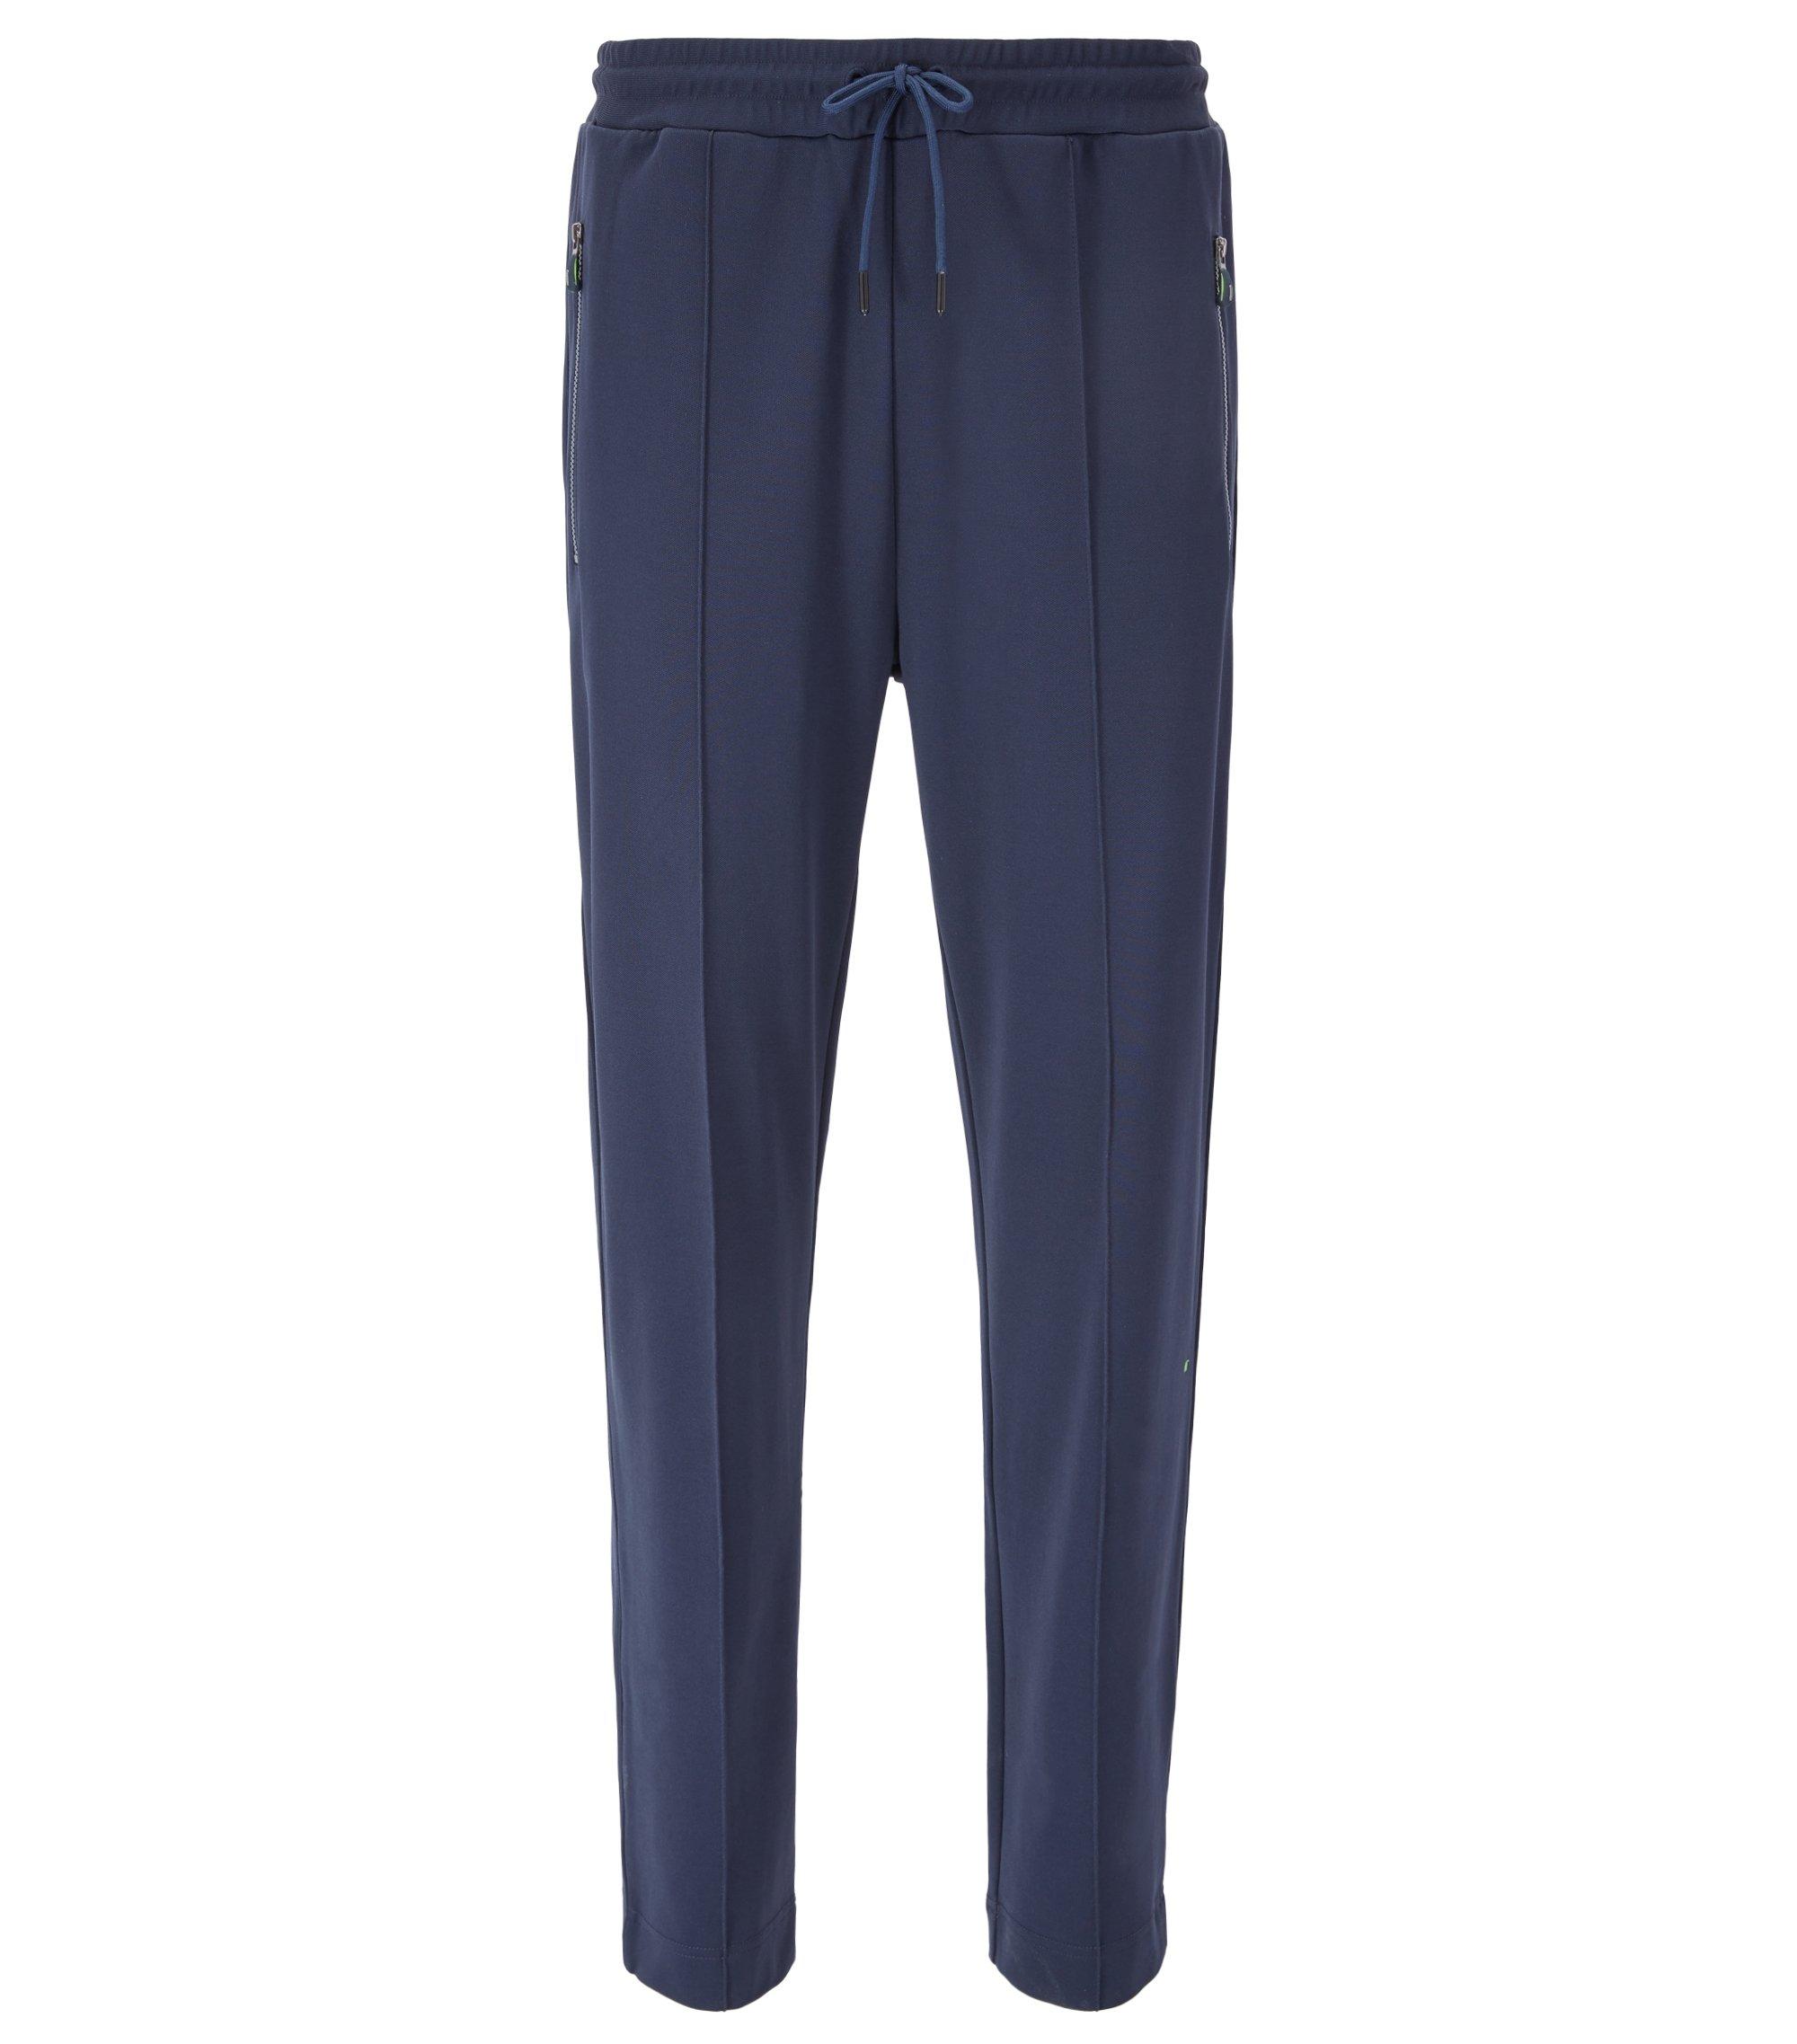 Pantalon de jogging à jambes droites en piqué interlock, Bleu foncé